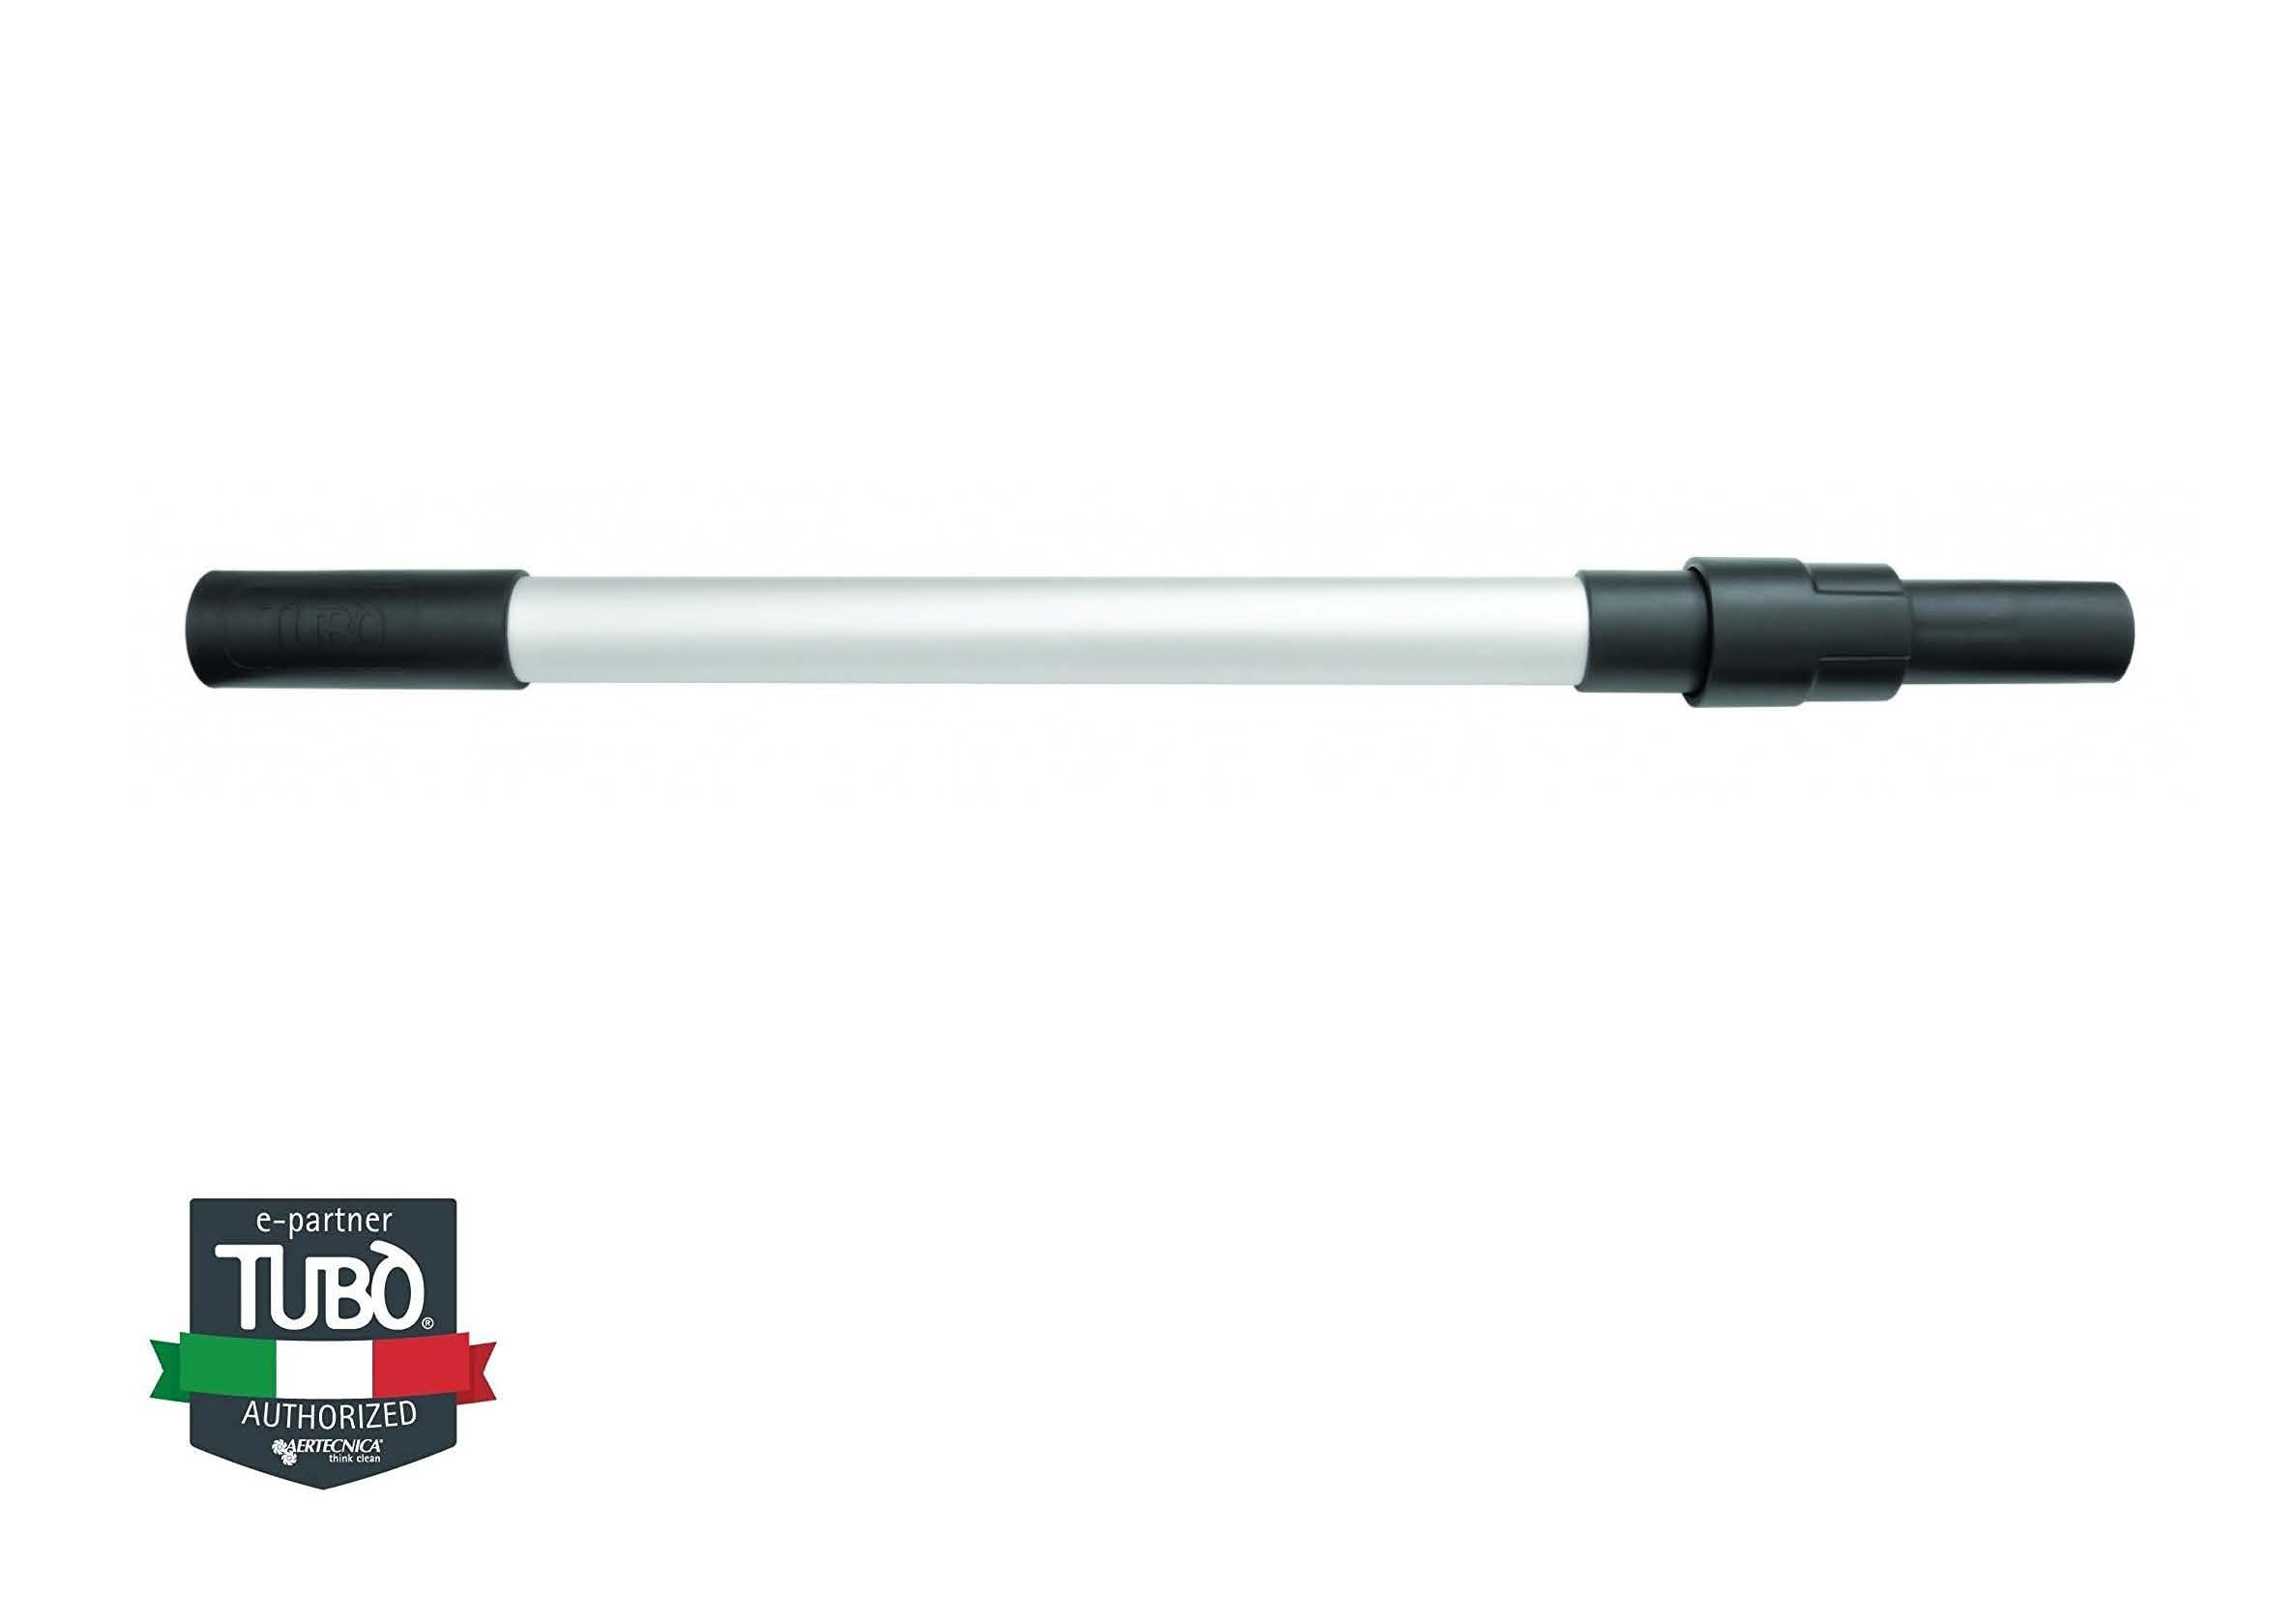 Труба телескопічна TUBO '- AIR Ø 32, алюмінієва